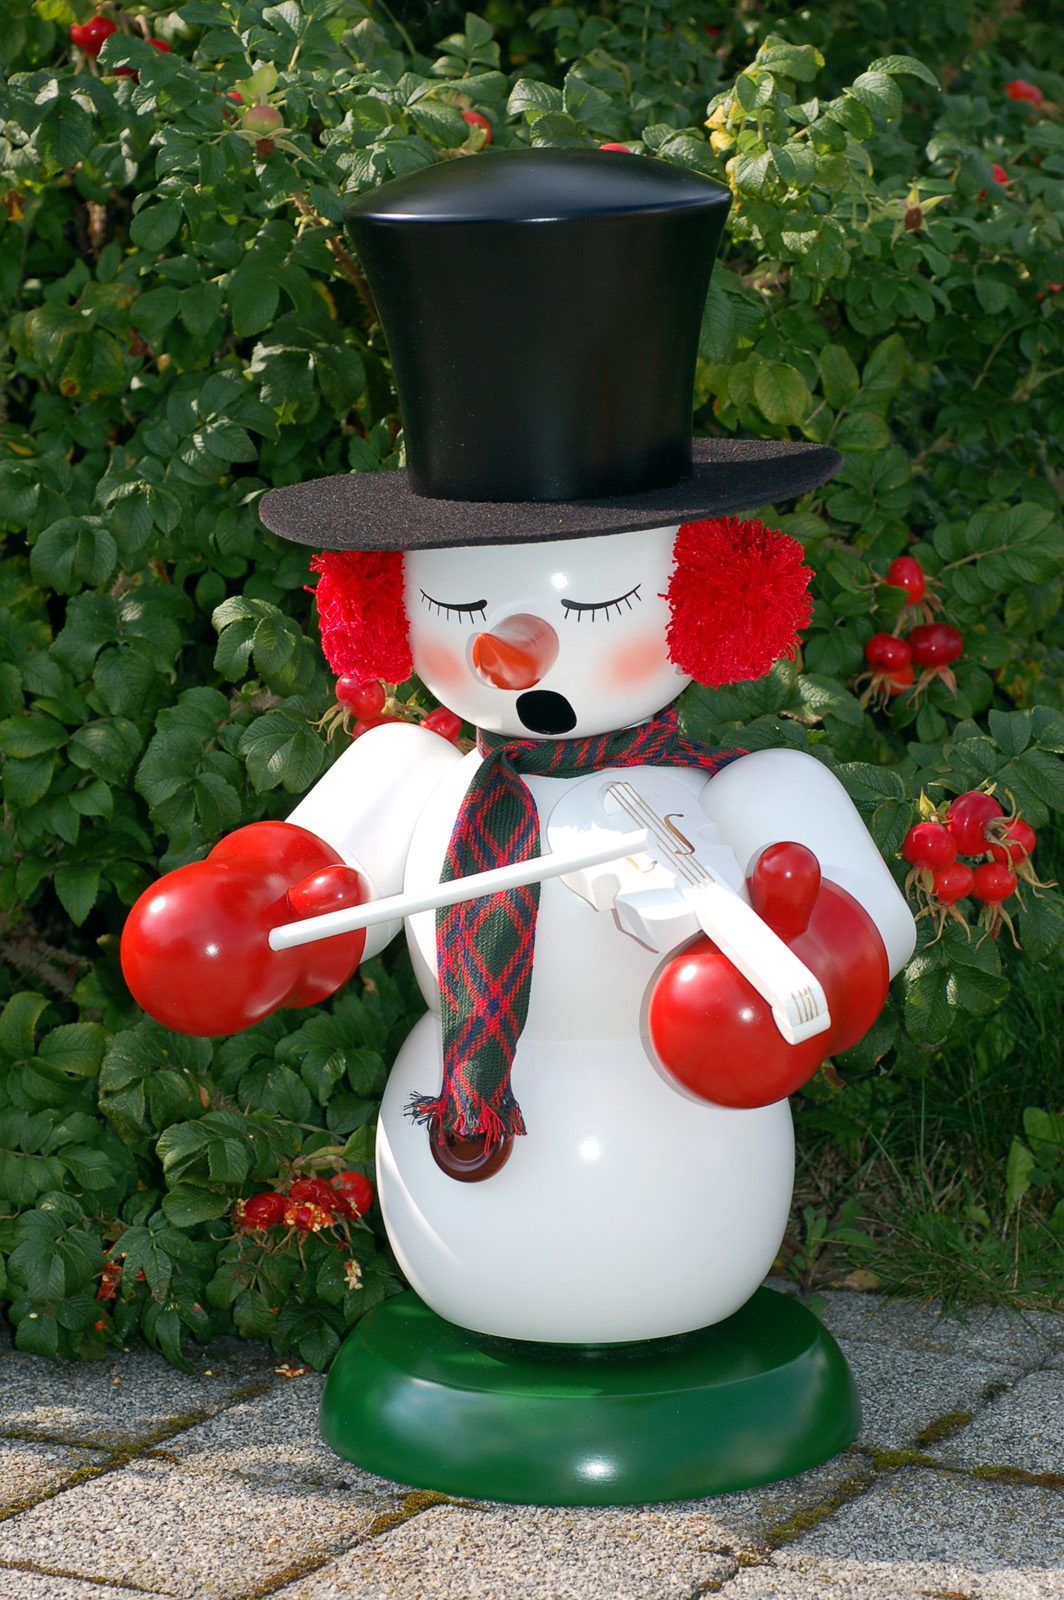 Räuchermännchen Schneemann mit Geige draußen